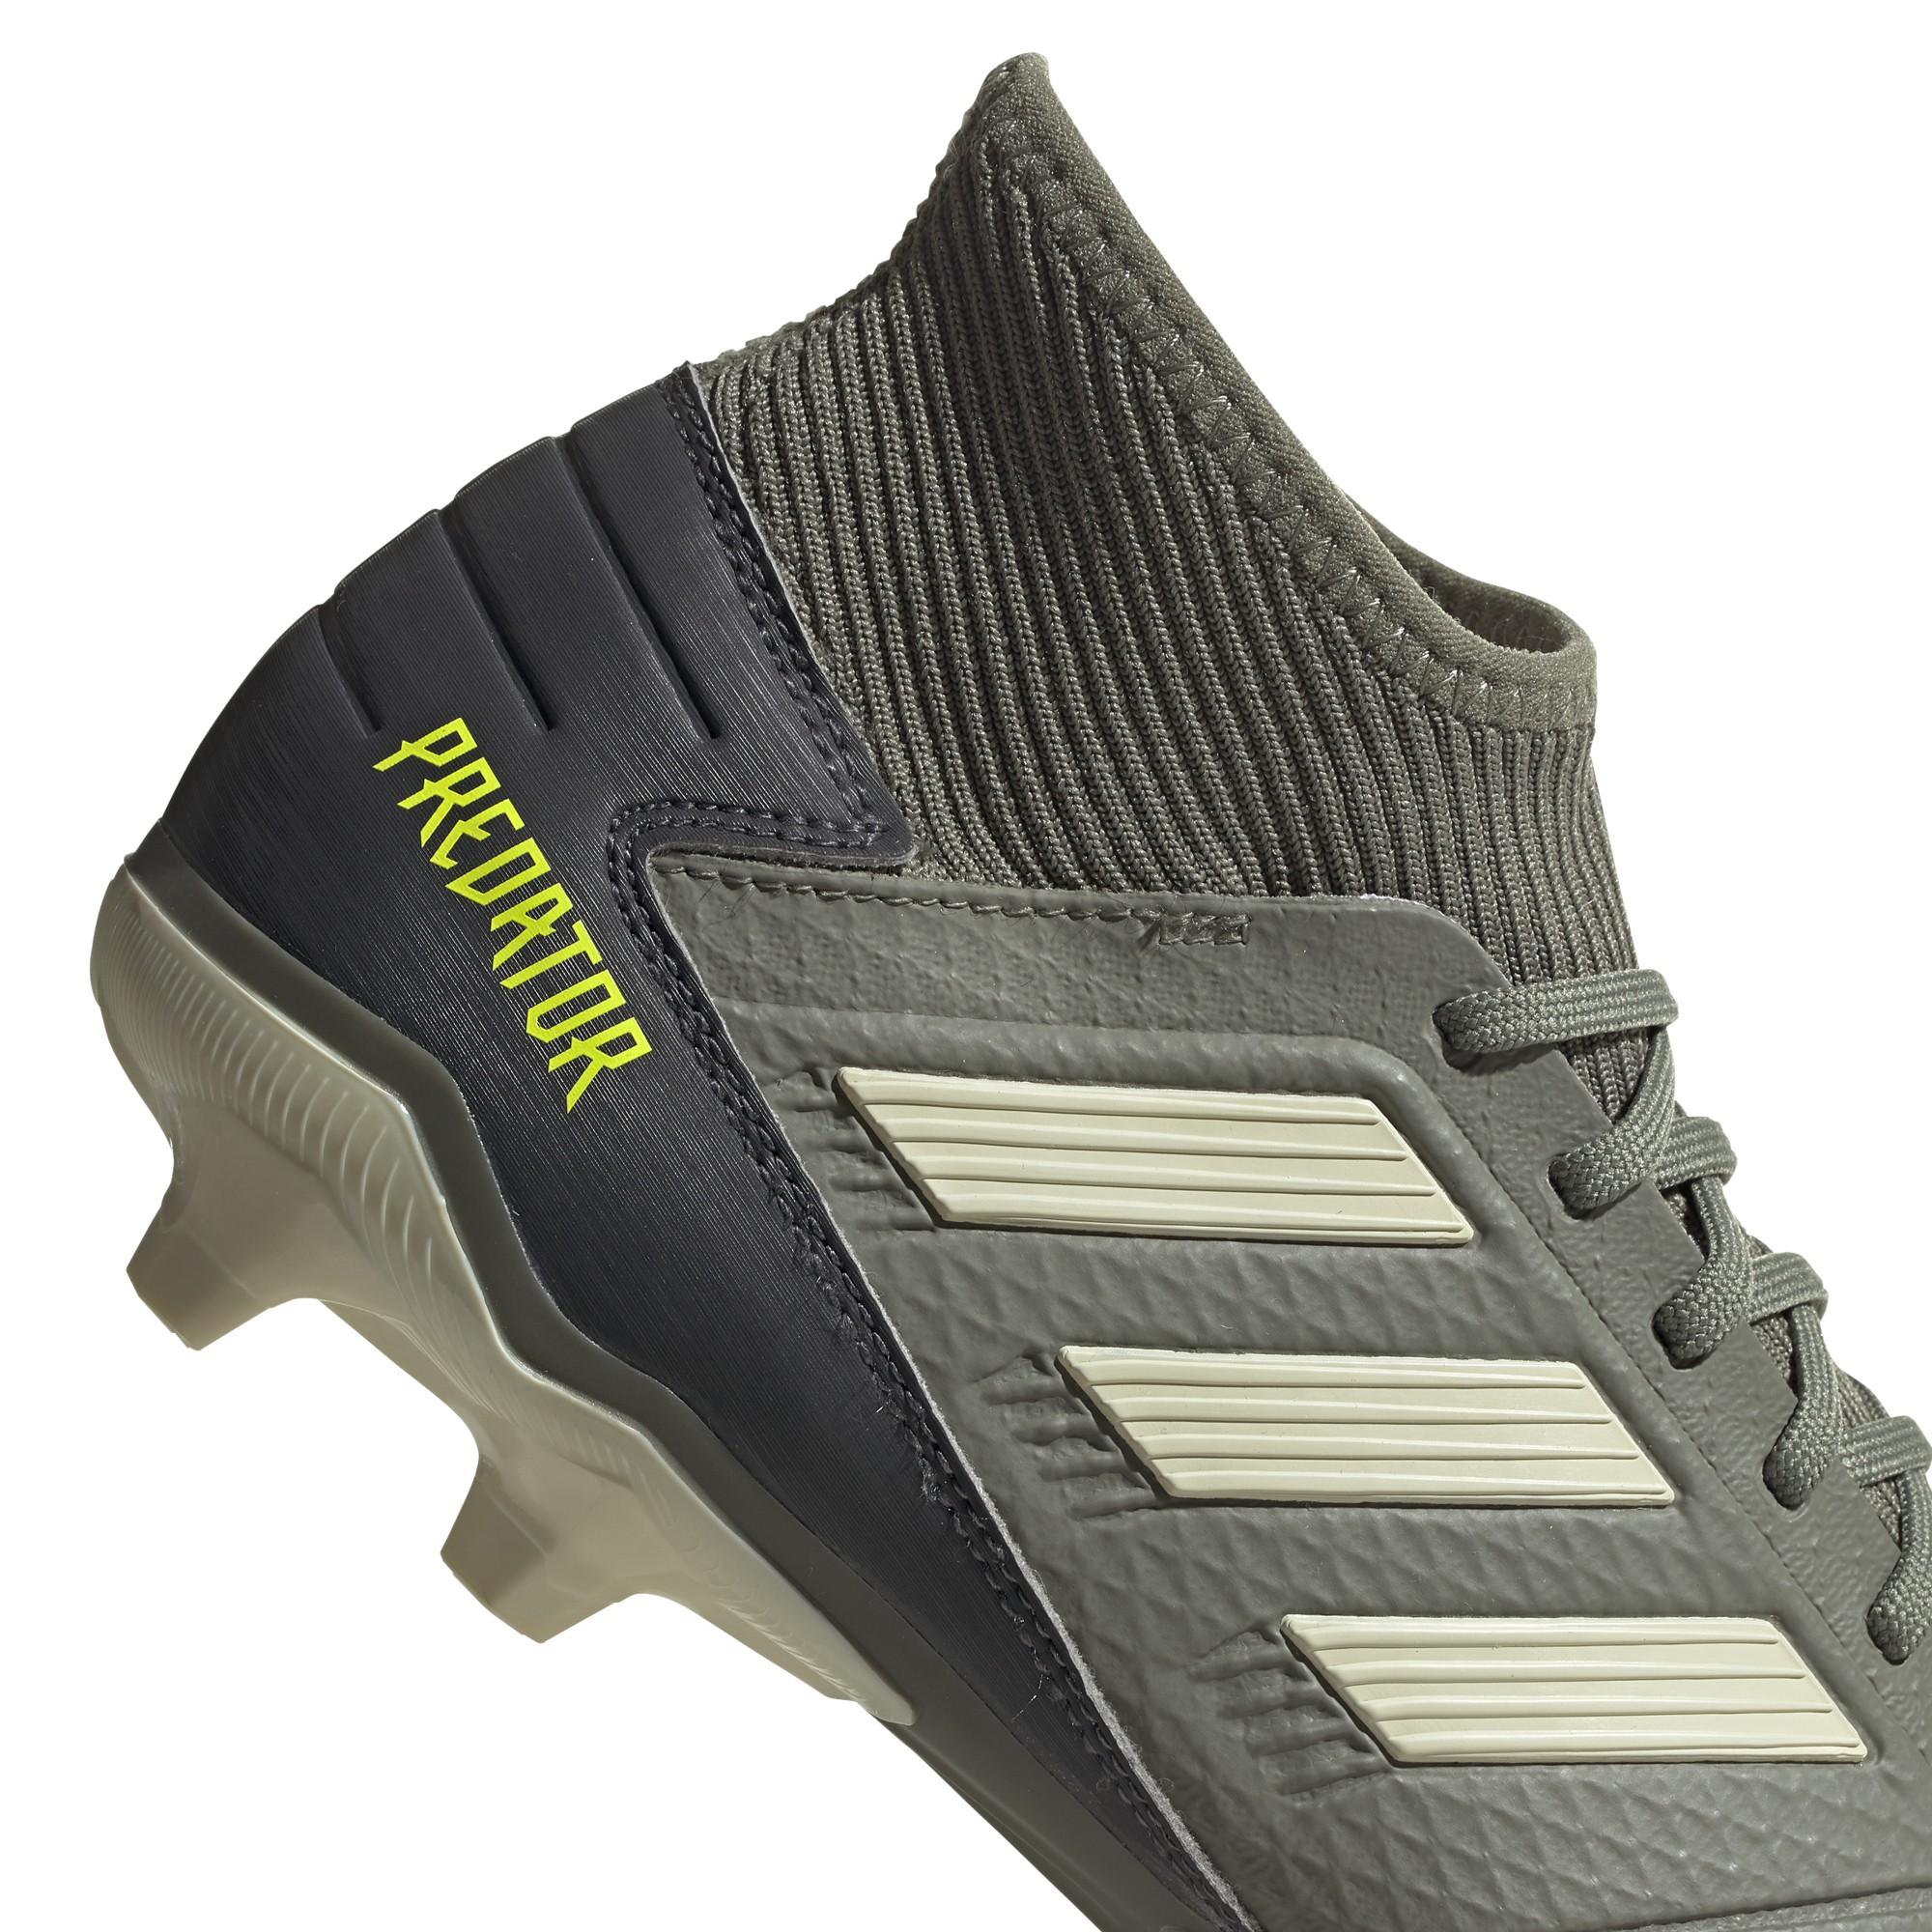 calcio ADIDAS scarpe da calcio predator 19.3 fg verde beige uomo ef